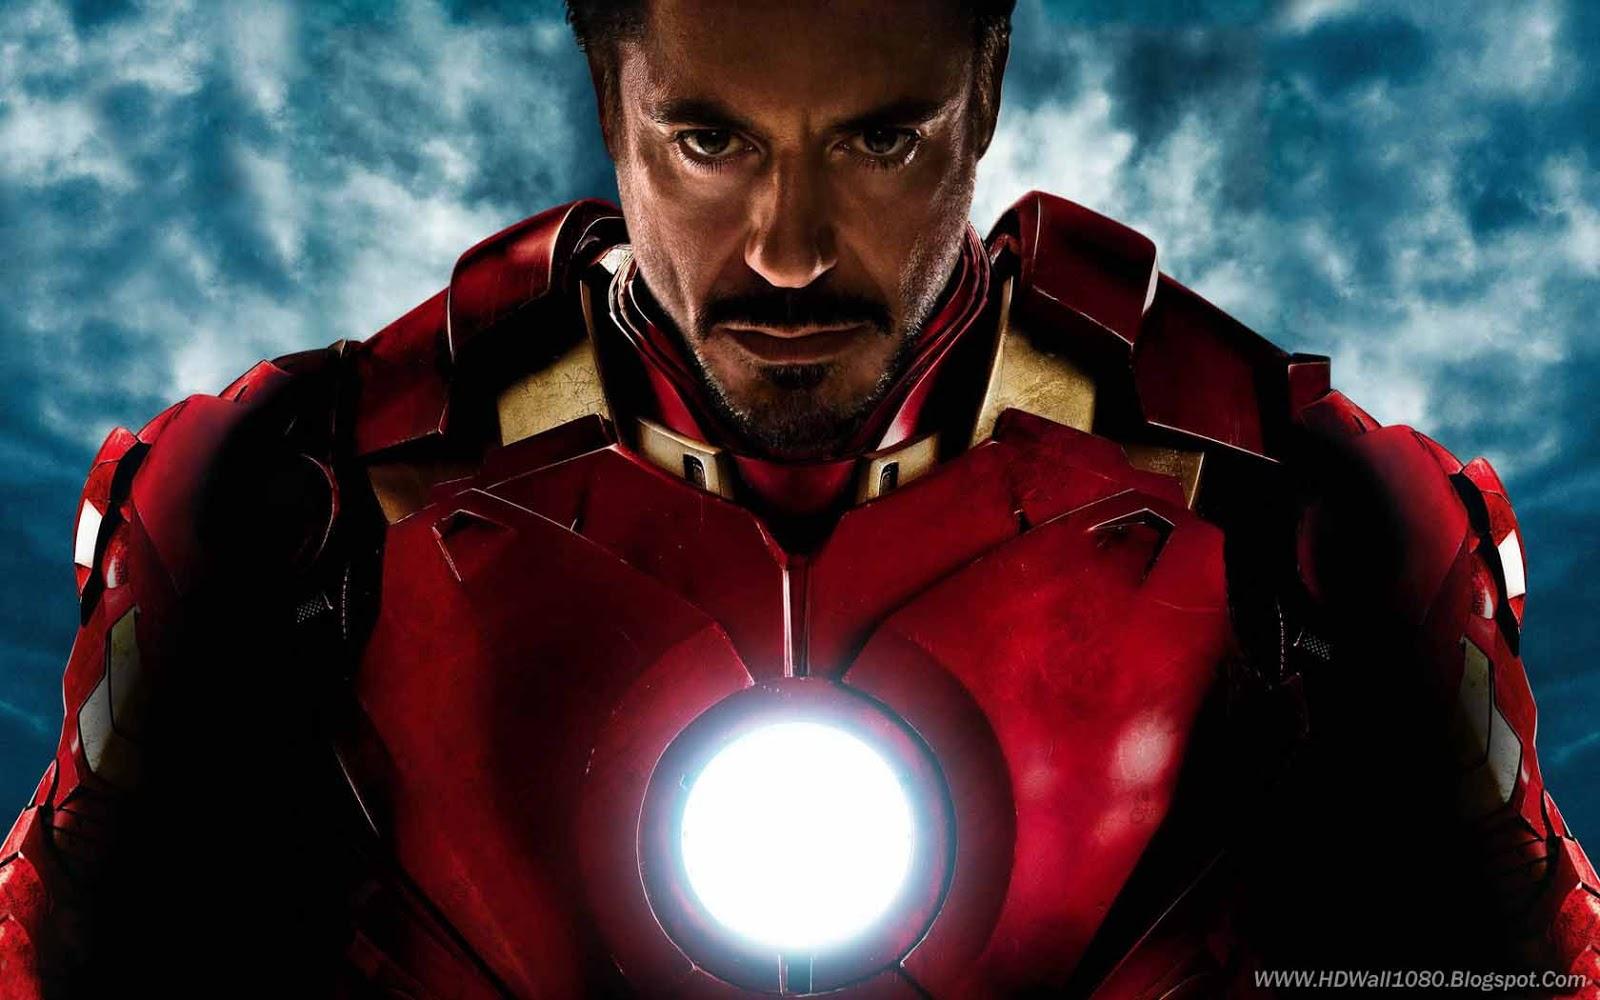 http://2.bp.blogspot.com/-LOb4mx65I5w/UL9AM7u51GI/AAAAAAAABOc/4GSfs8ifoIY/s1600/The+Avengers+Iron+Man.jpg